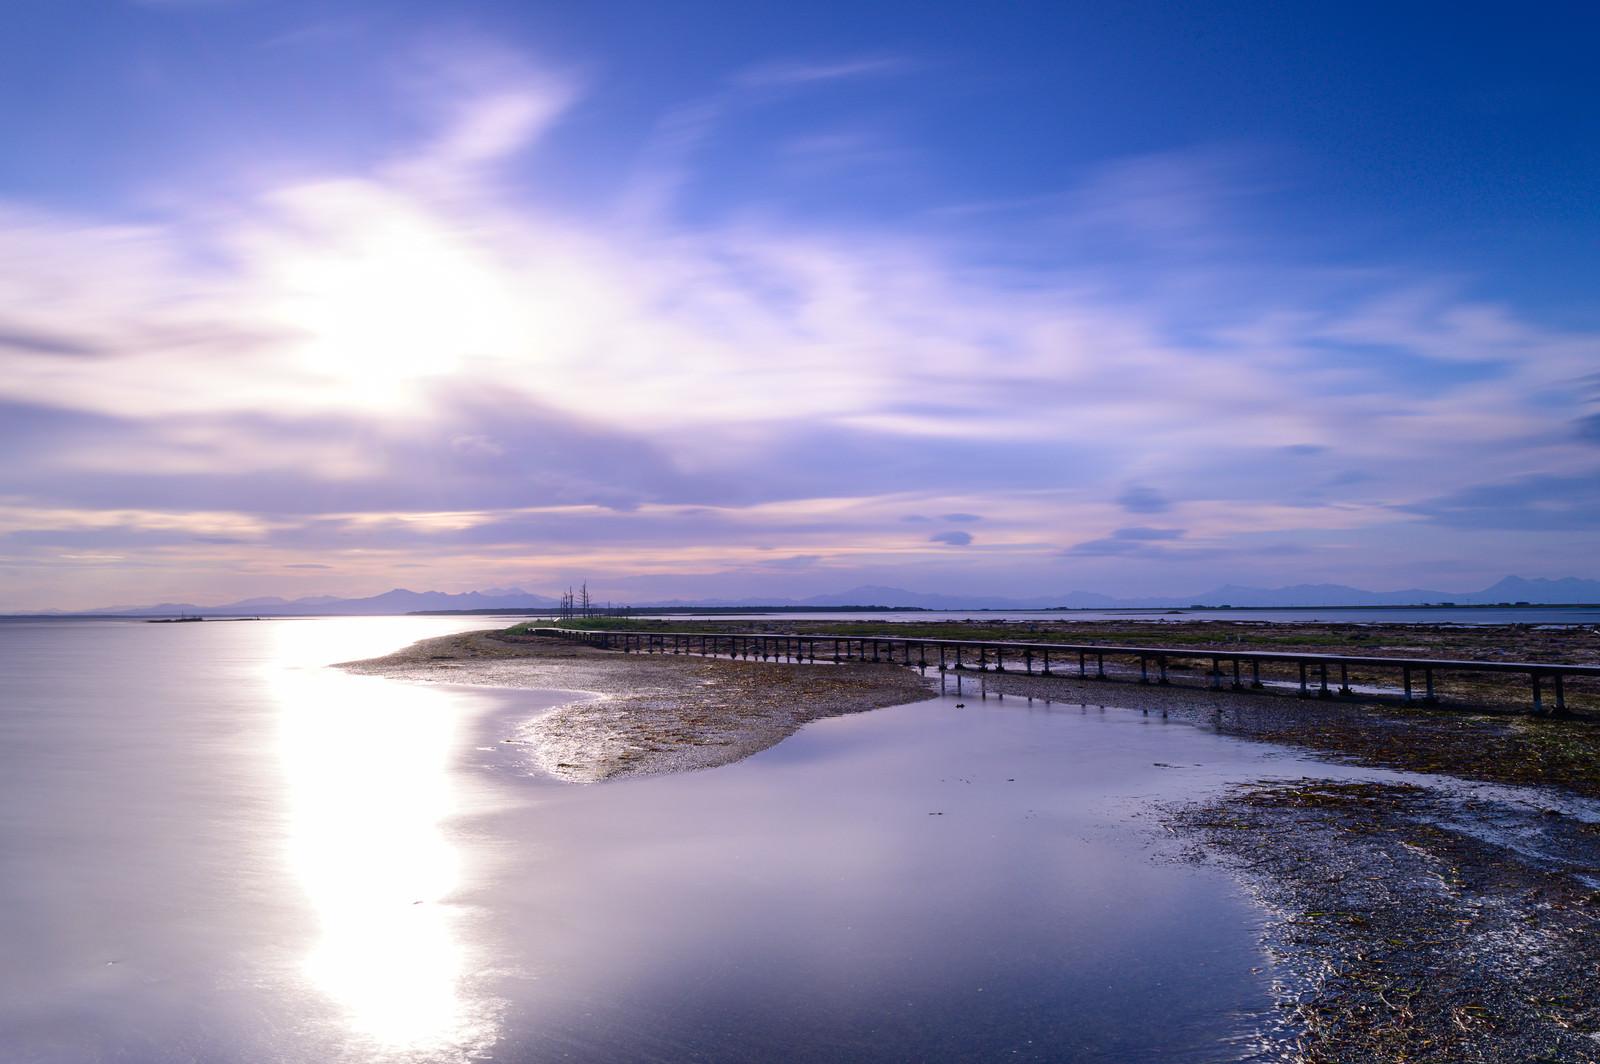 「野付半島に伸びる桟橋」の写真